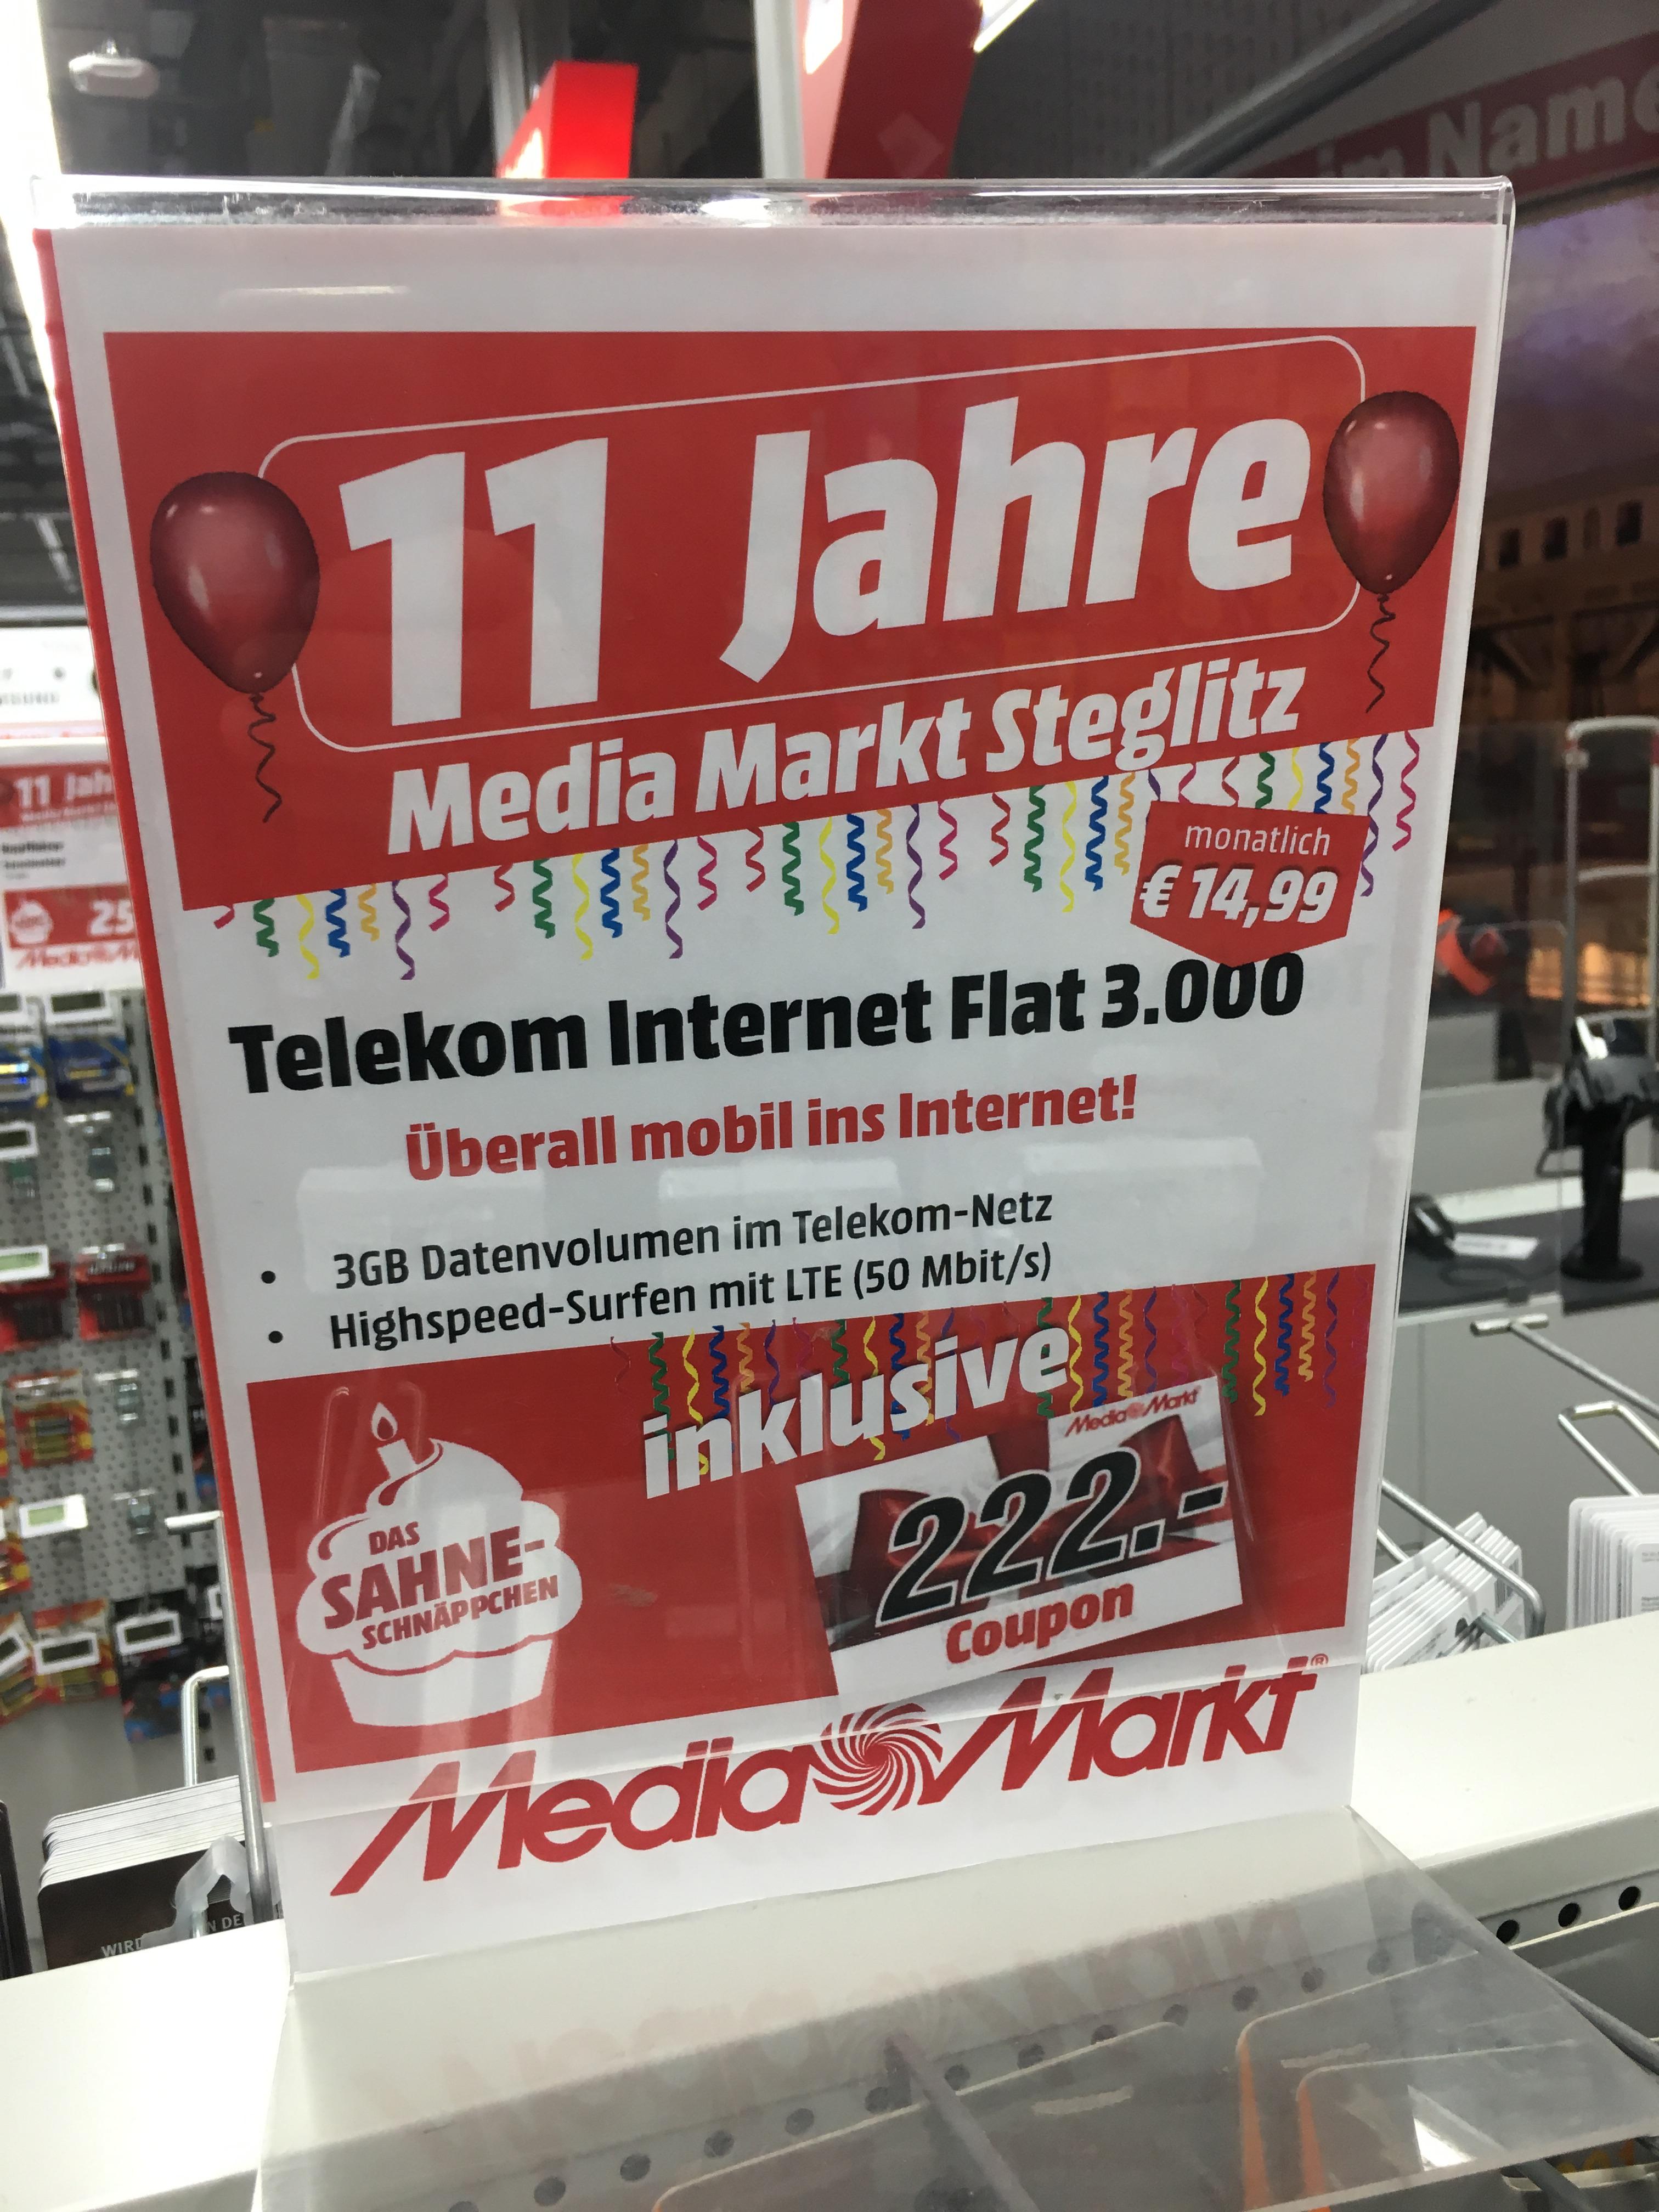 Telekom mobil Internet 3 GB für 5,74 monatlich (effektiv, mit Auszahlung durch Gutschein)  [lokal]